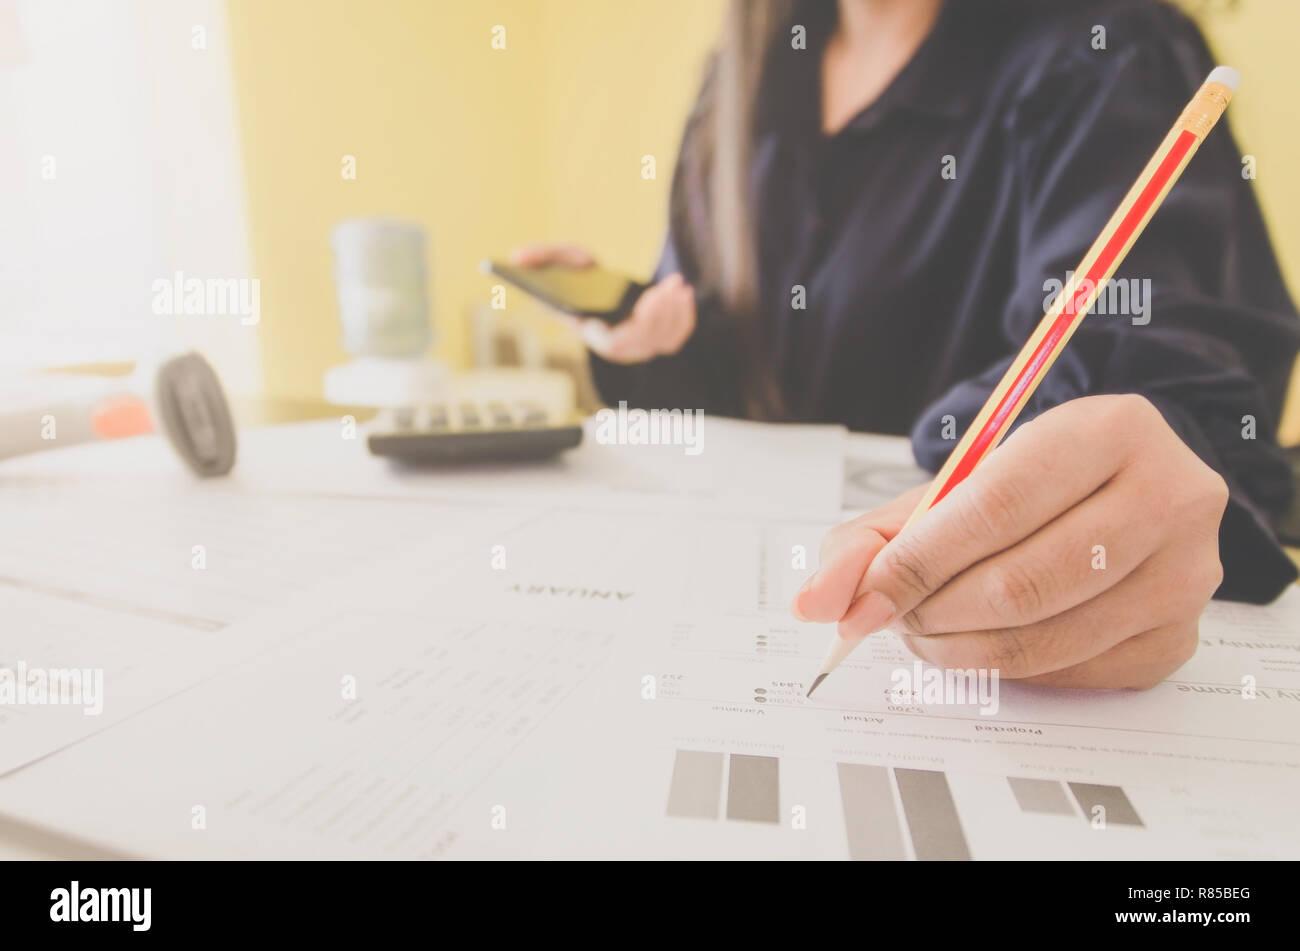 Concept d'entreprise de l'information financière et comptable avec la main de l'homme sont holding smartphone et l'écriture, rapport des finances et feuille de papier avec des données de planification Banque D'Images